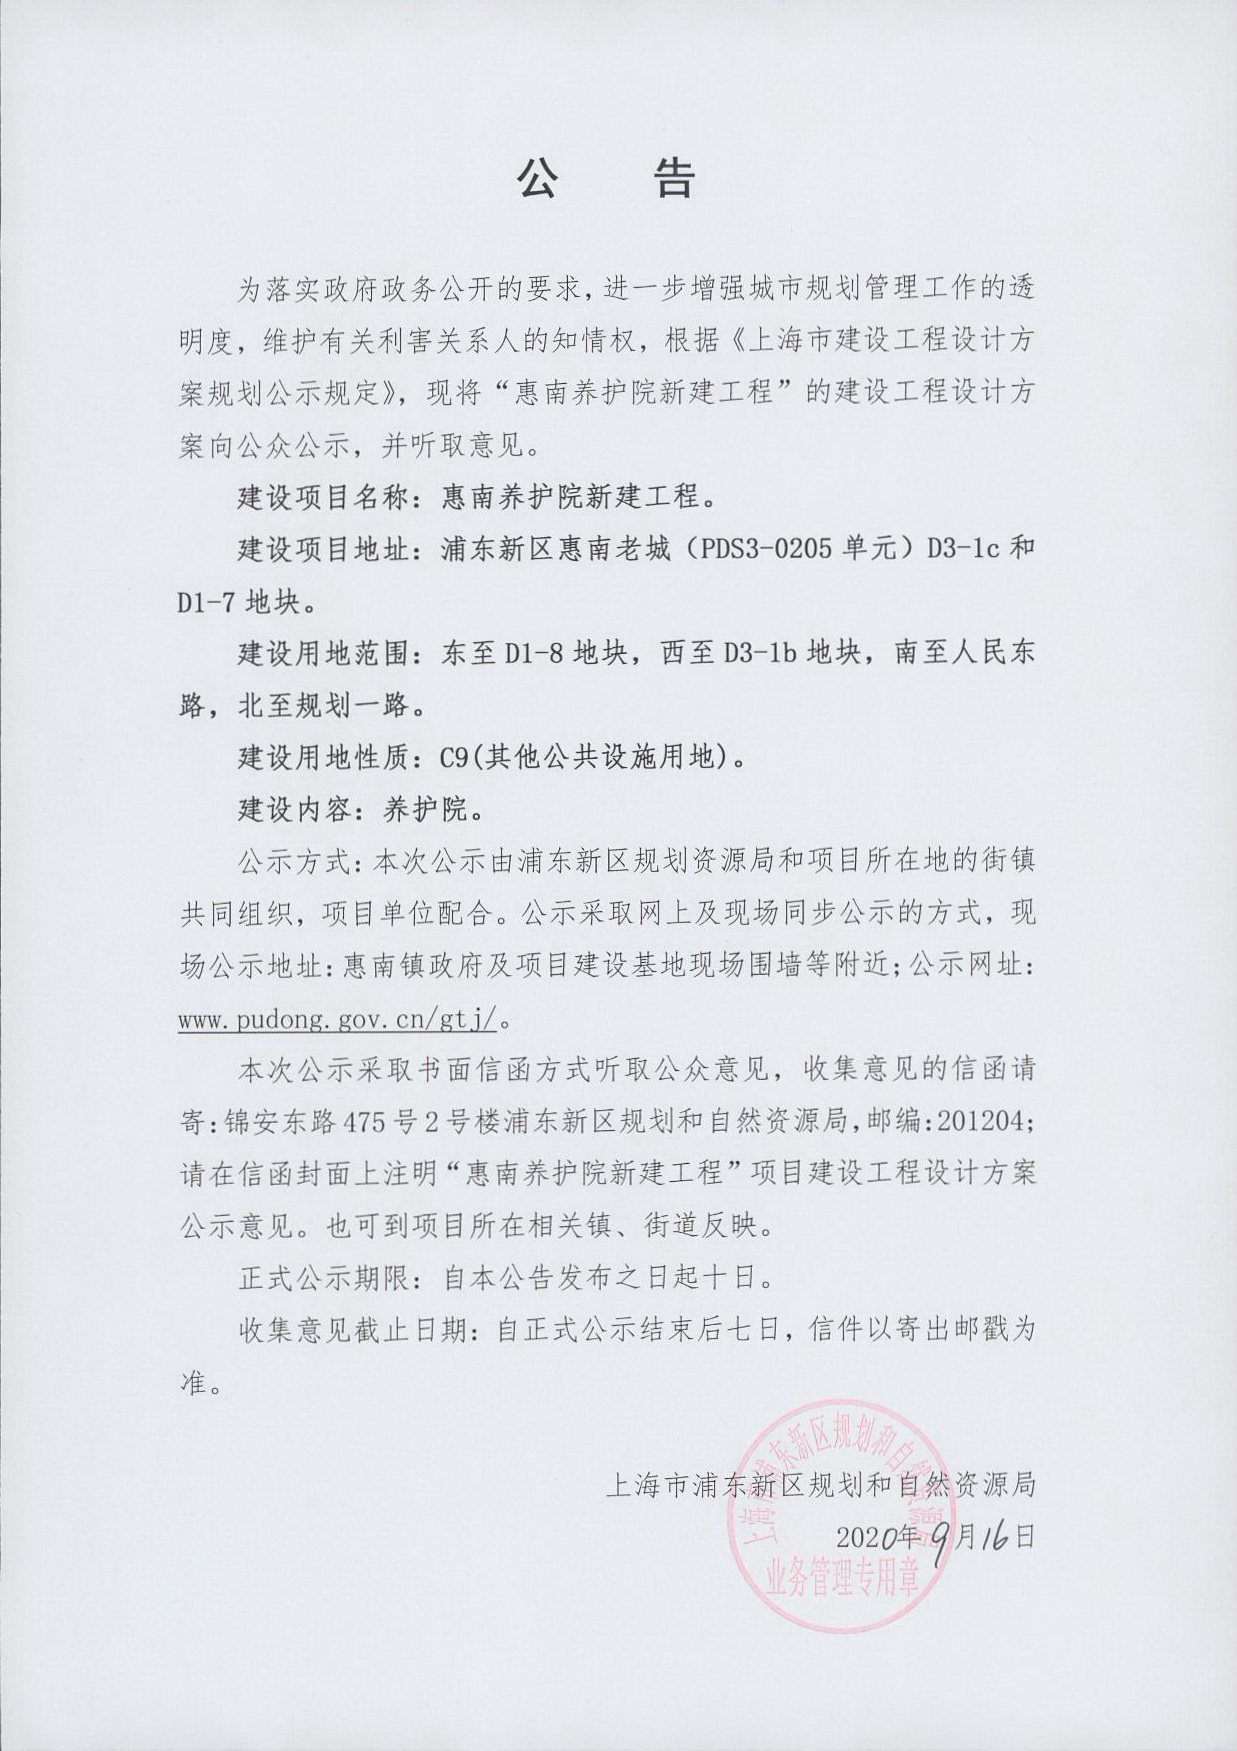 惠南养护院工程建设公告